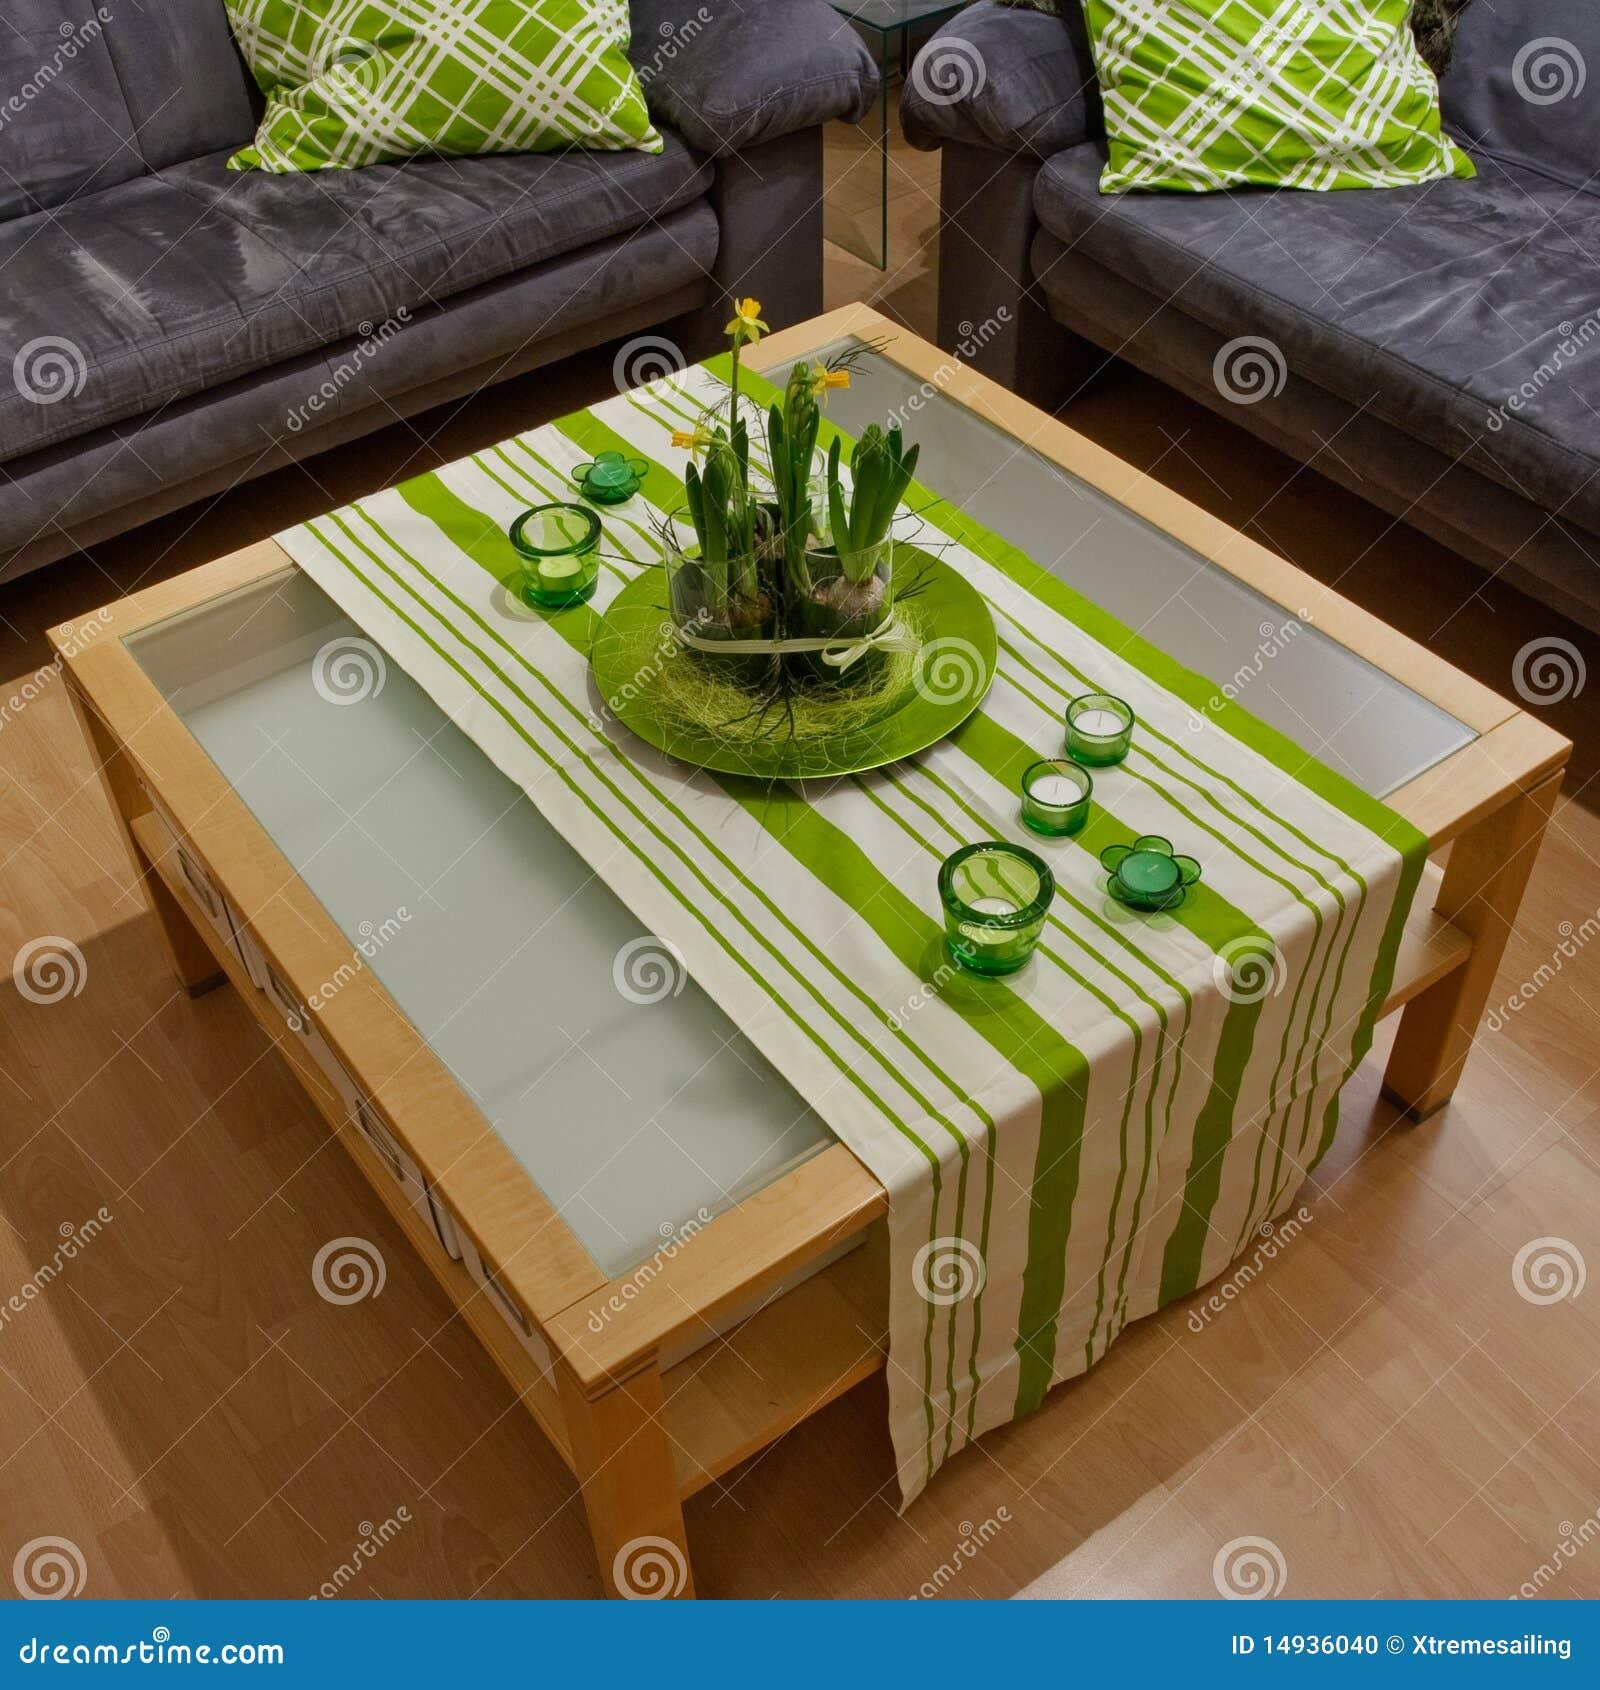 Wohnzimmer-Dekoration stockfoto. Bild von pfosten, auslegung - 14936040